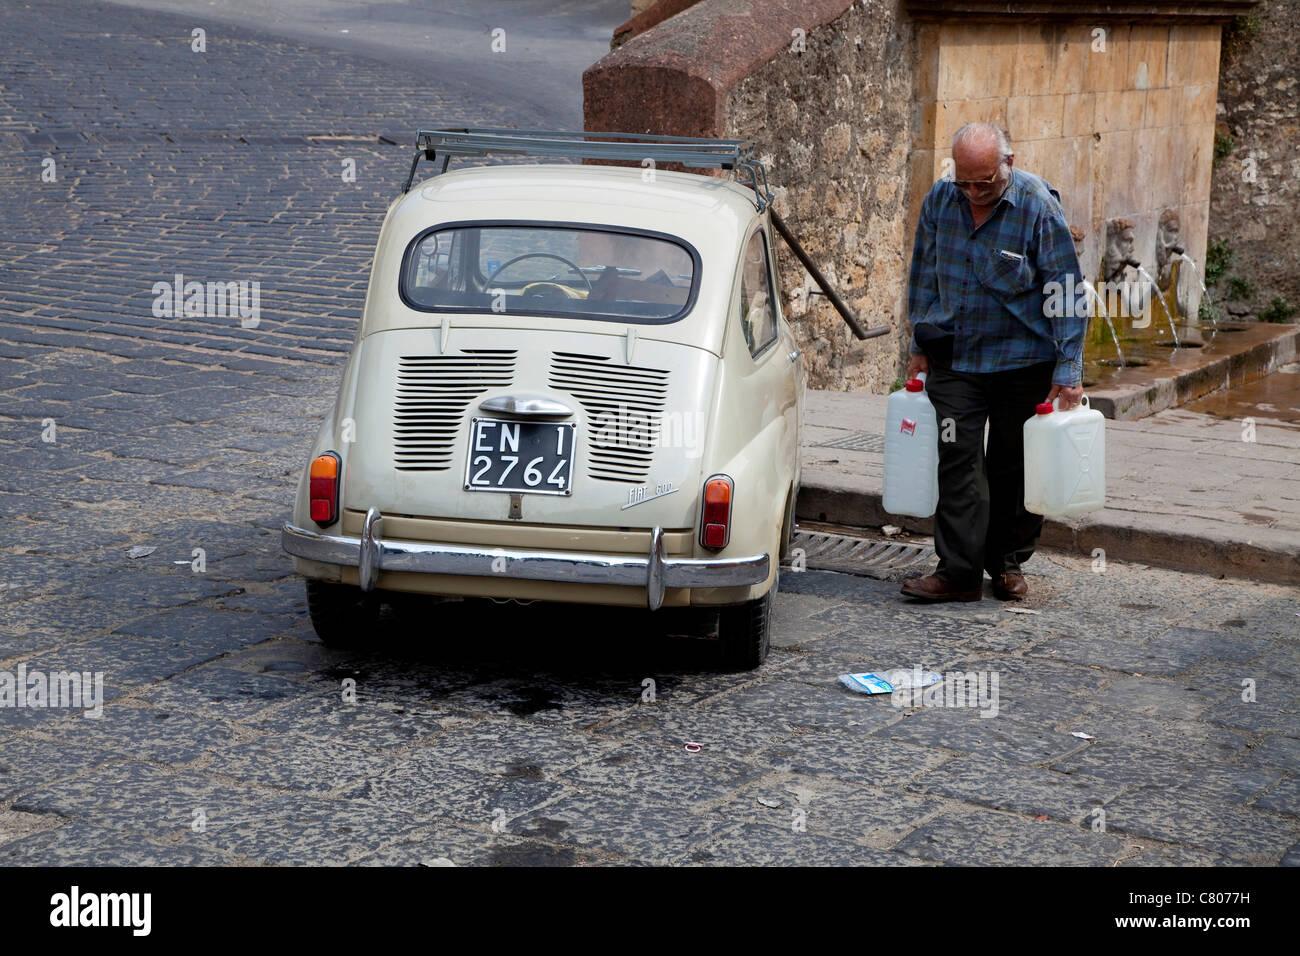 Fiat 600 Car Fotos E Imagenes De Stock Alamy